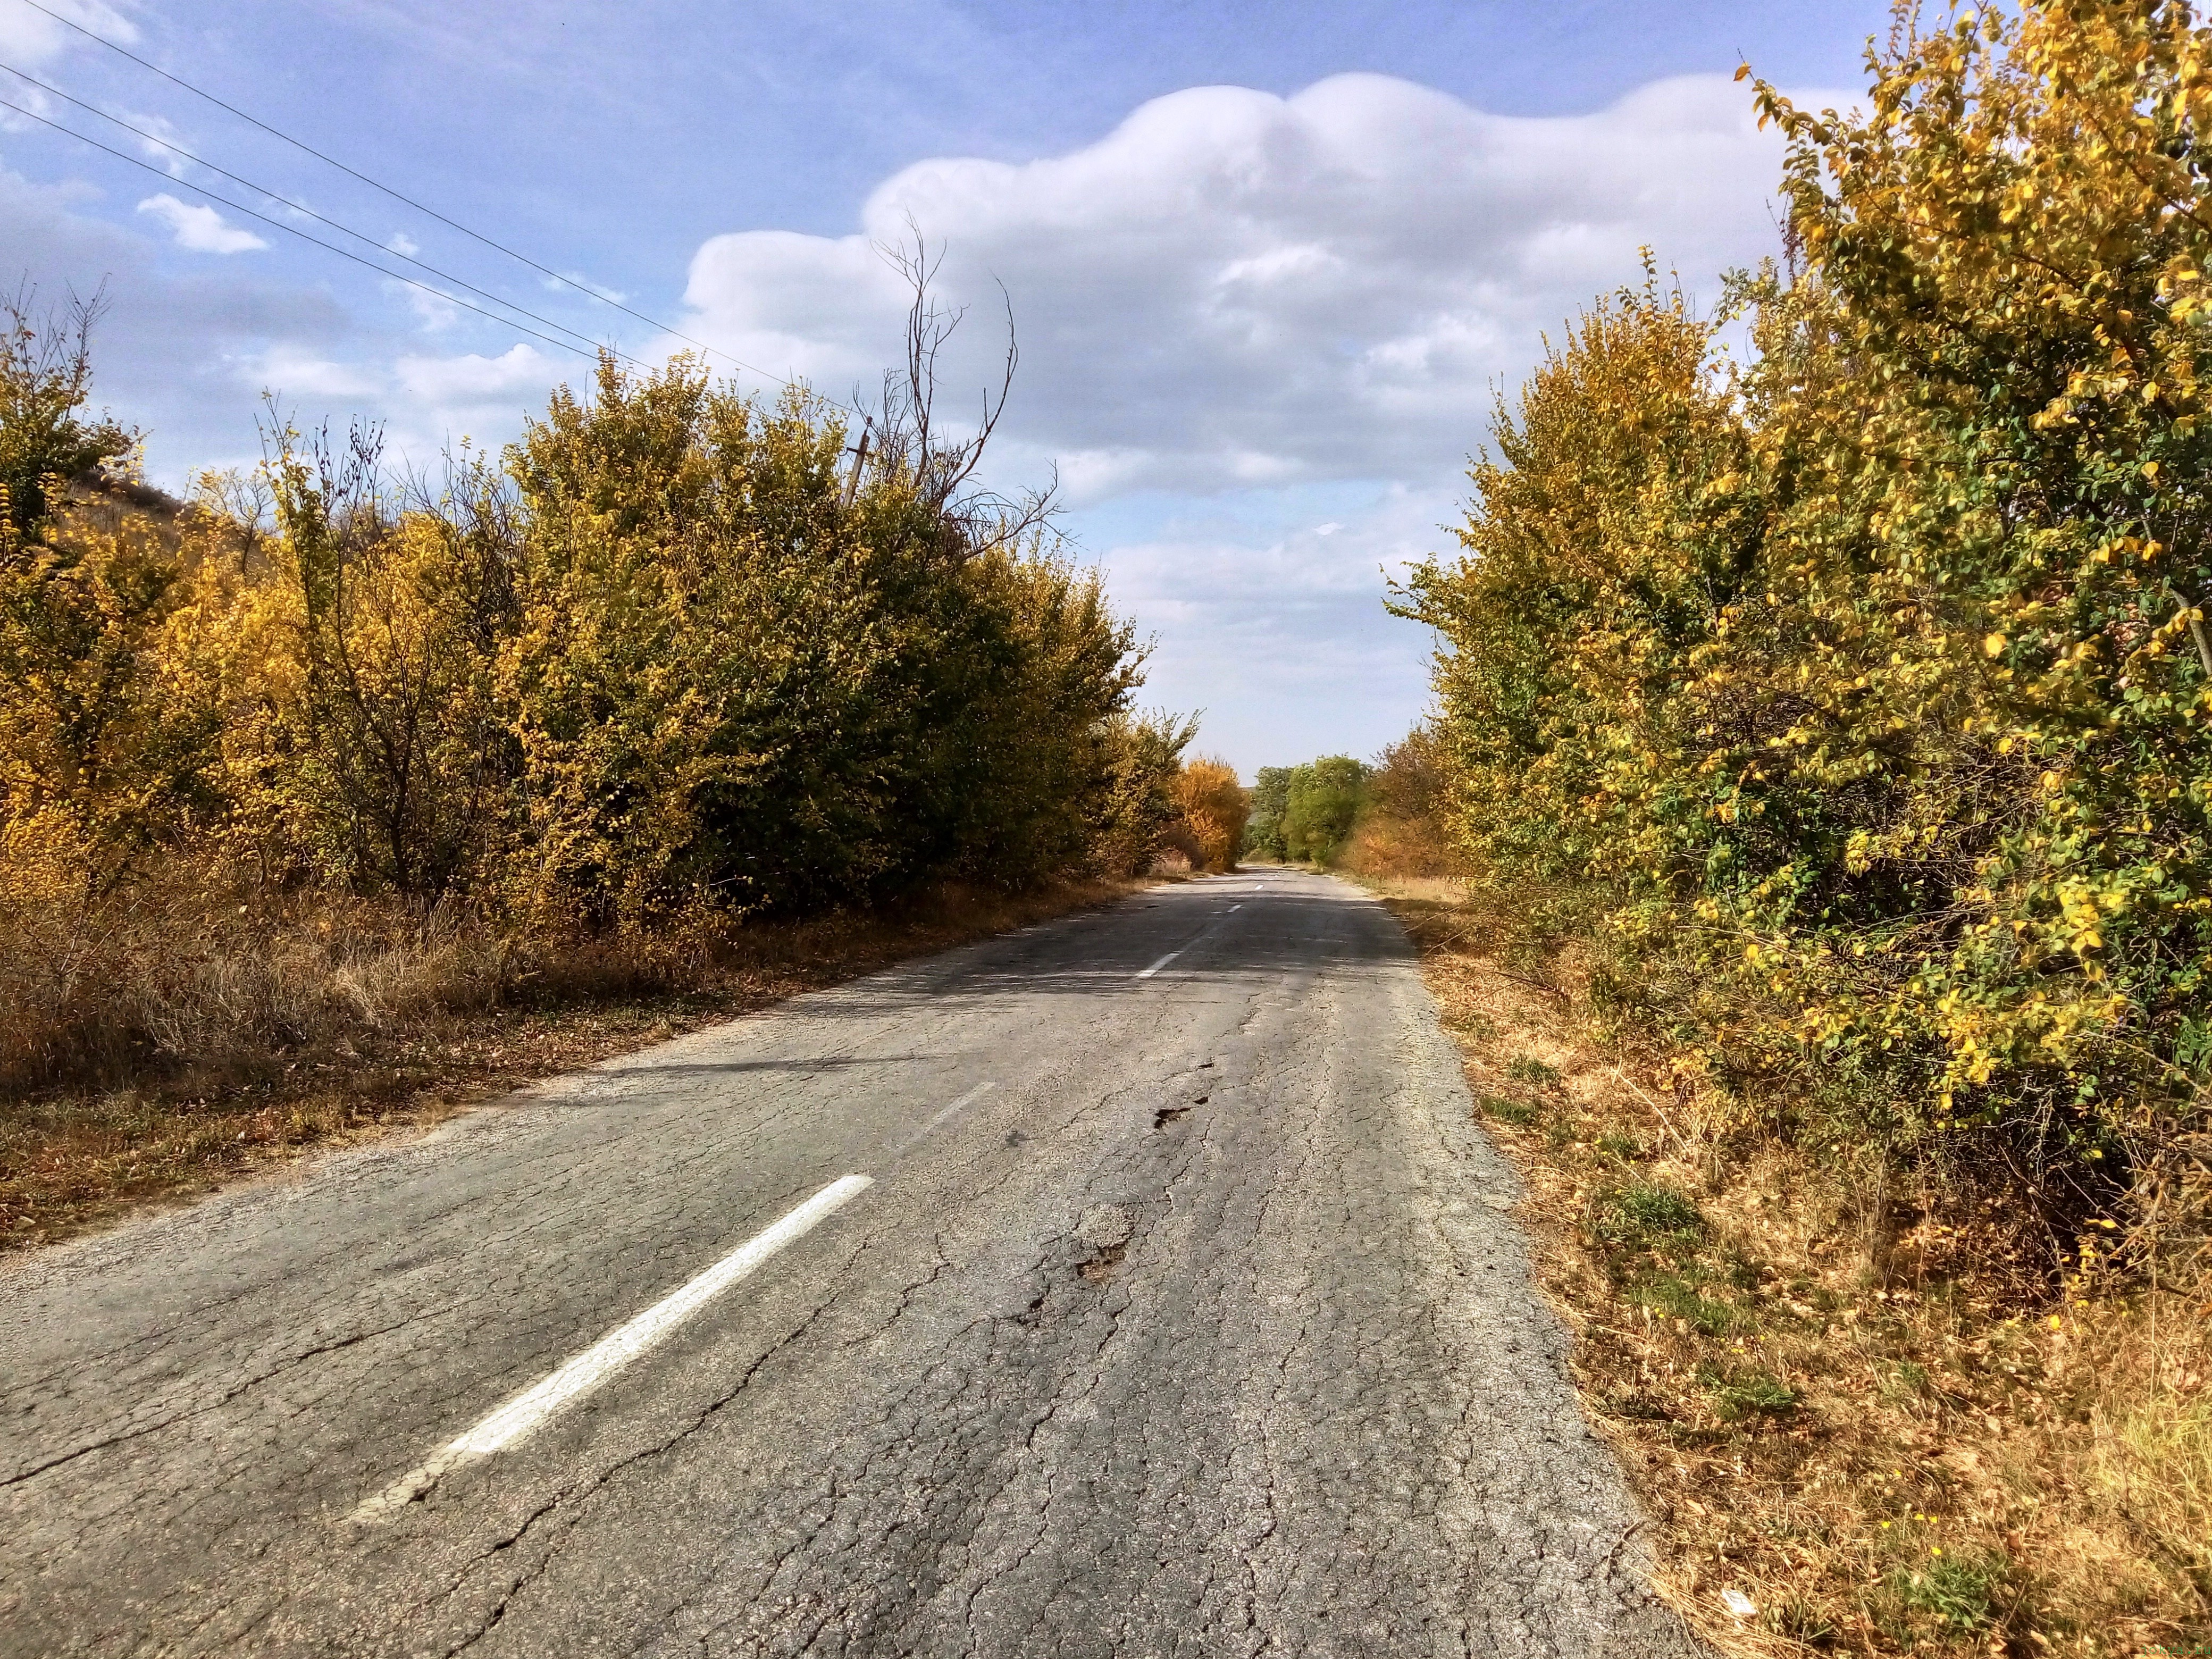 Поход пешком в Крыму в октябре фото заметка из моей реальности в Крыму jokya.ru